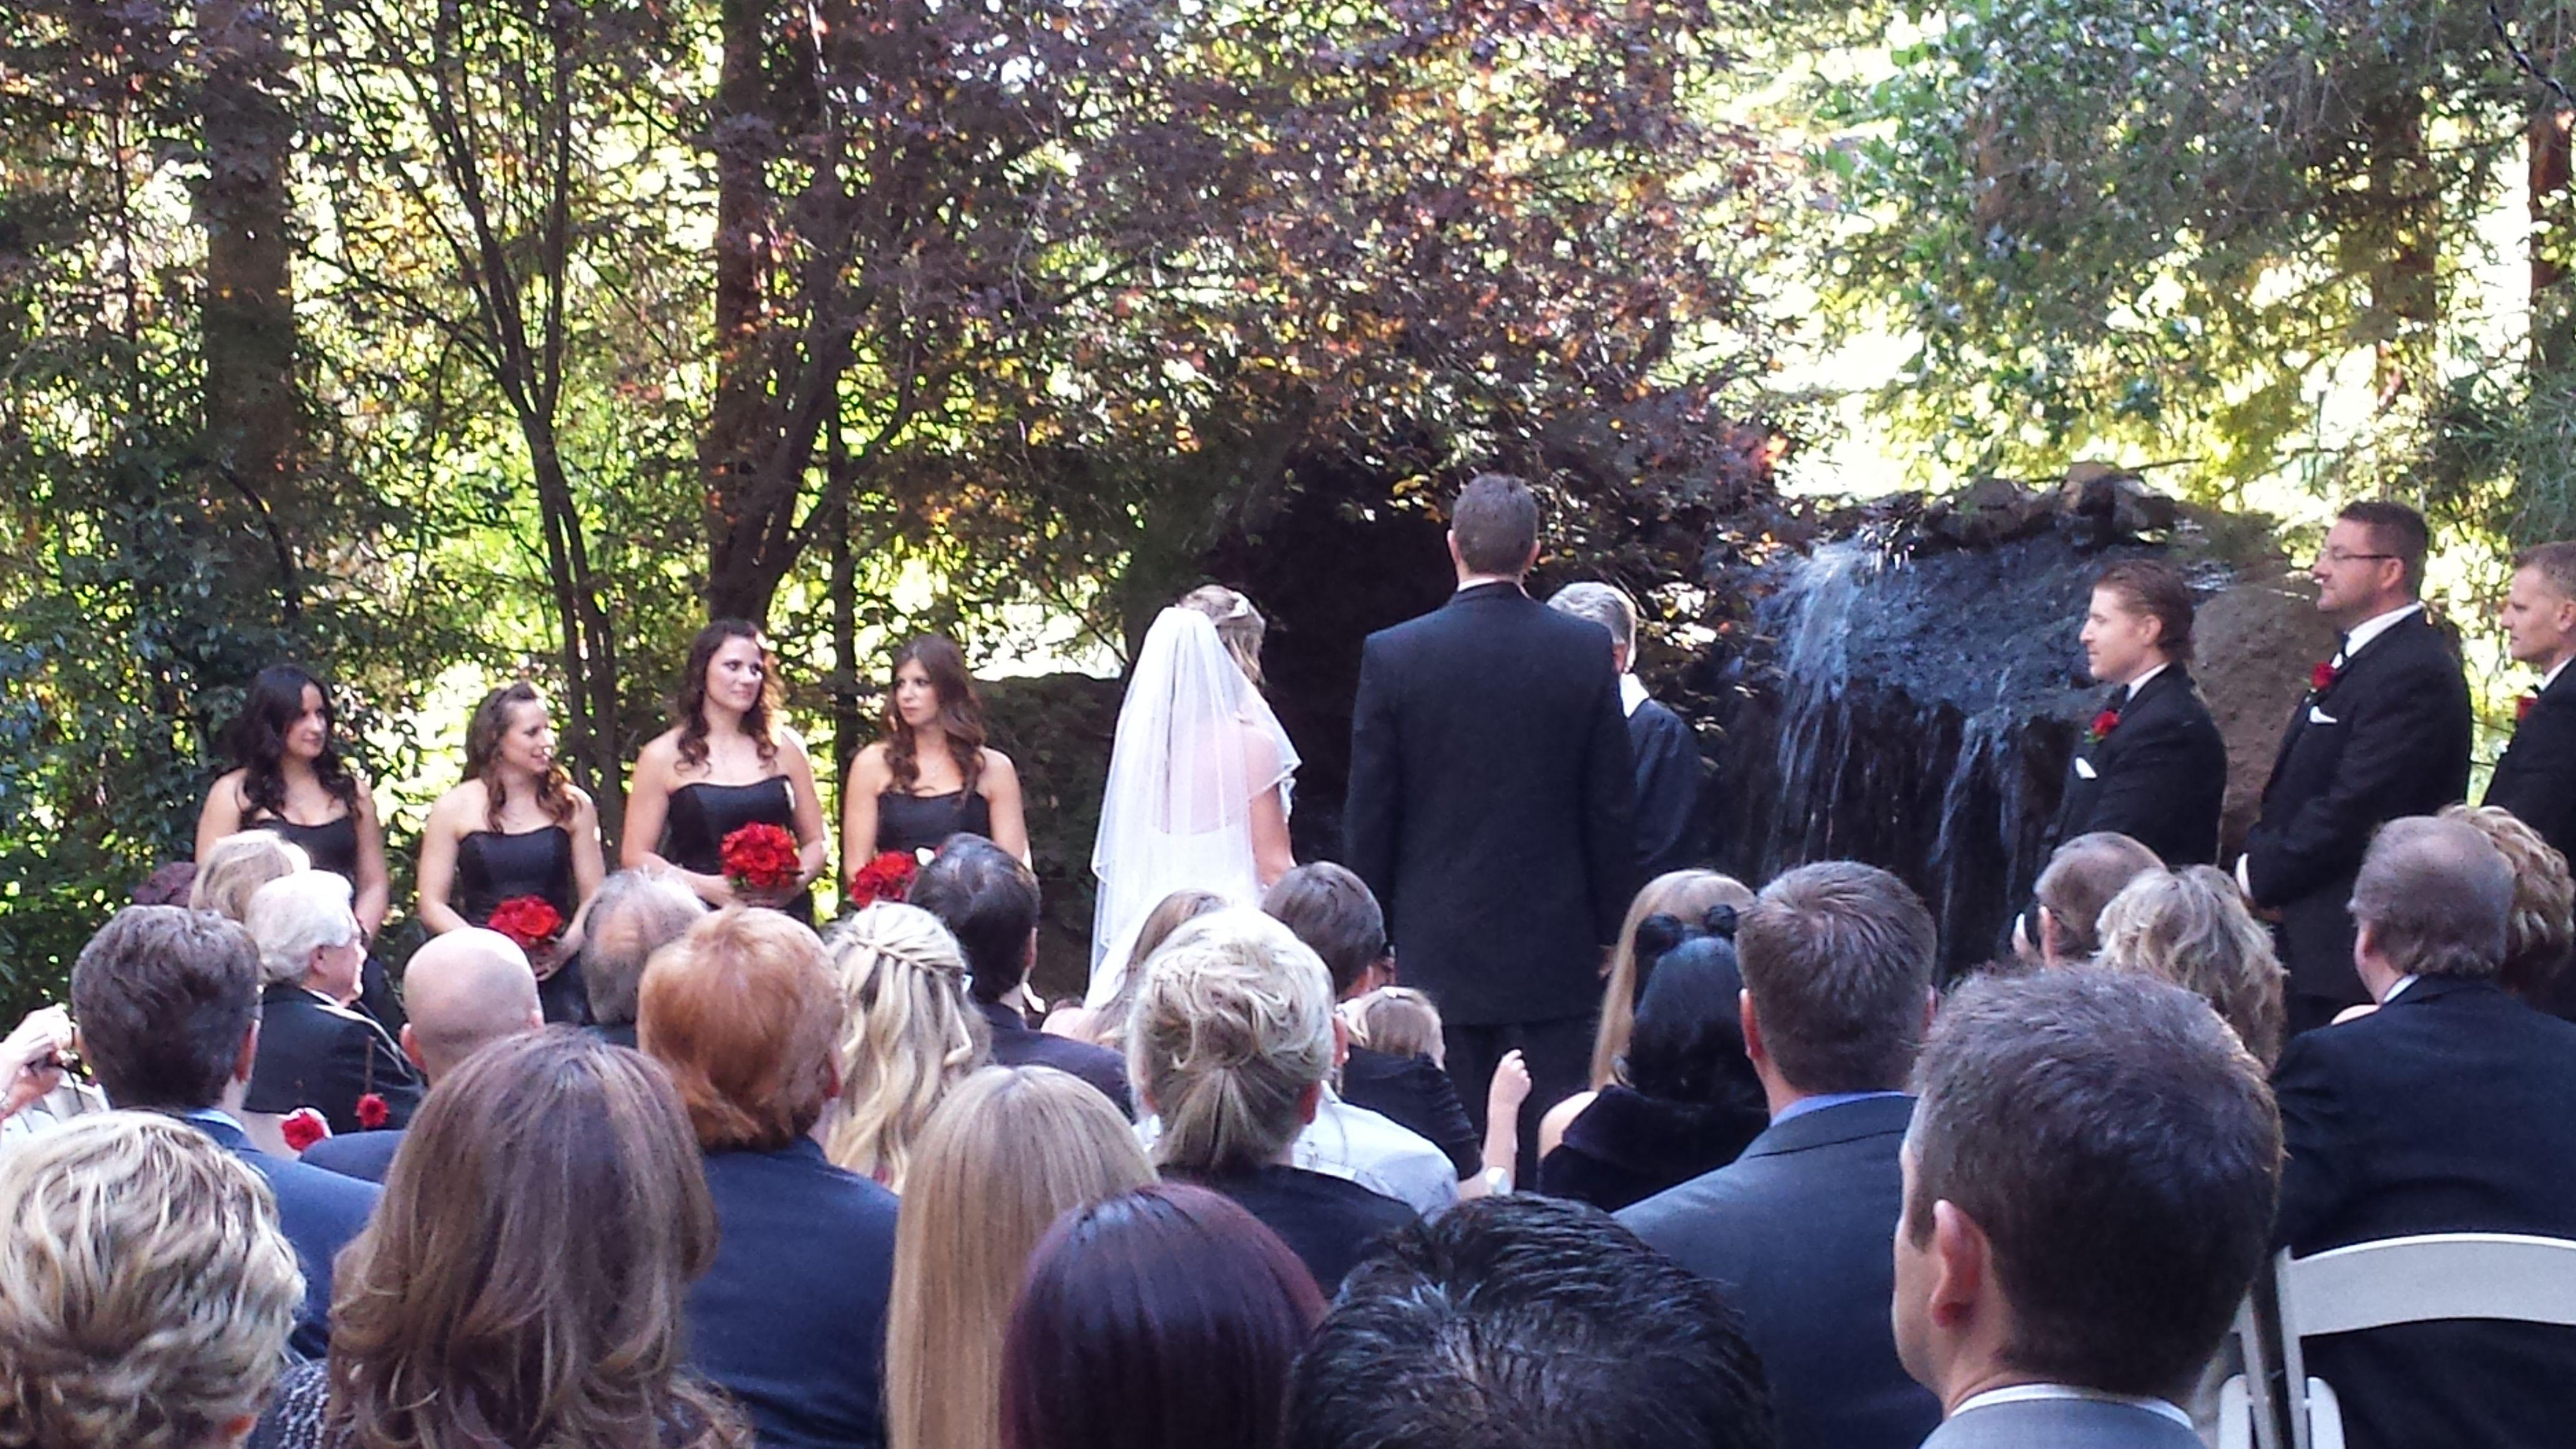 Calamigos Ranch Wedding venue has many locations to choose